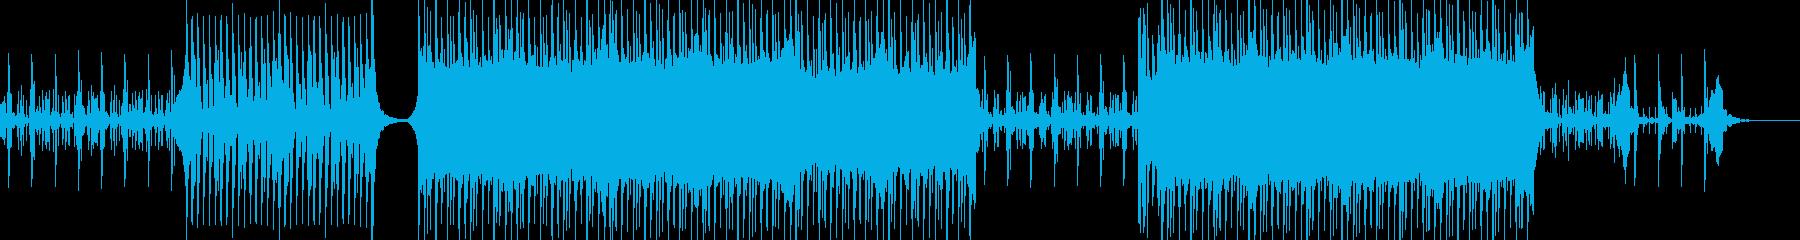 テクノ ハードコア トランス アク...の再生済みの波形